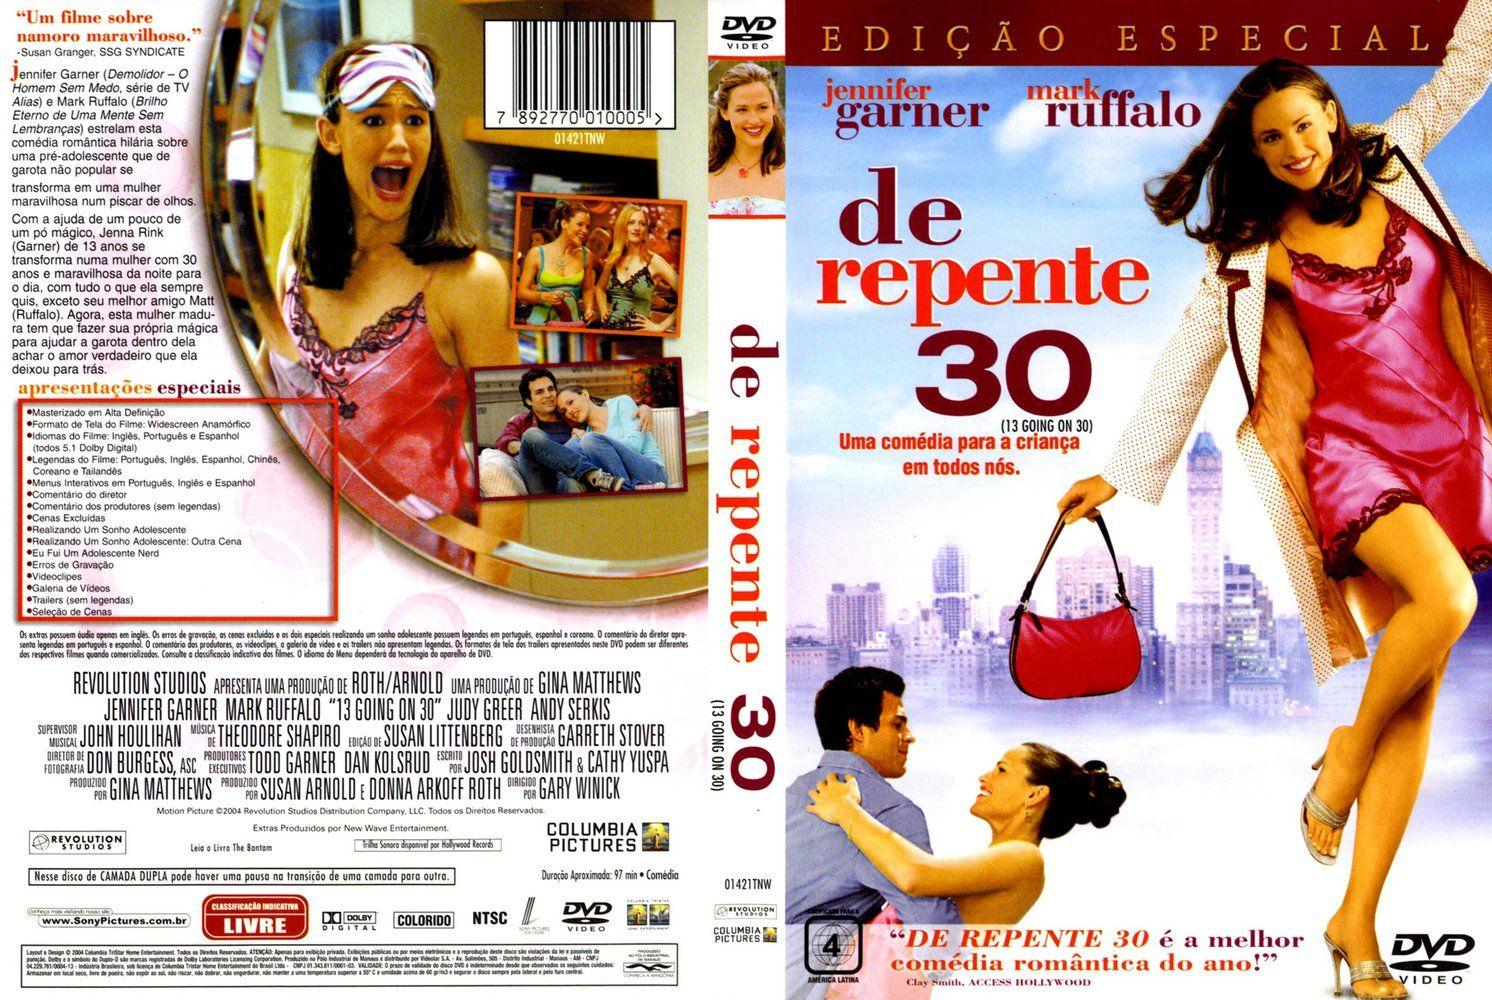 Comedia Comedias Filmes Dvd